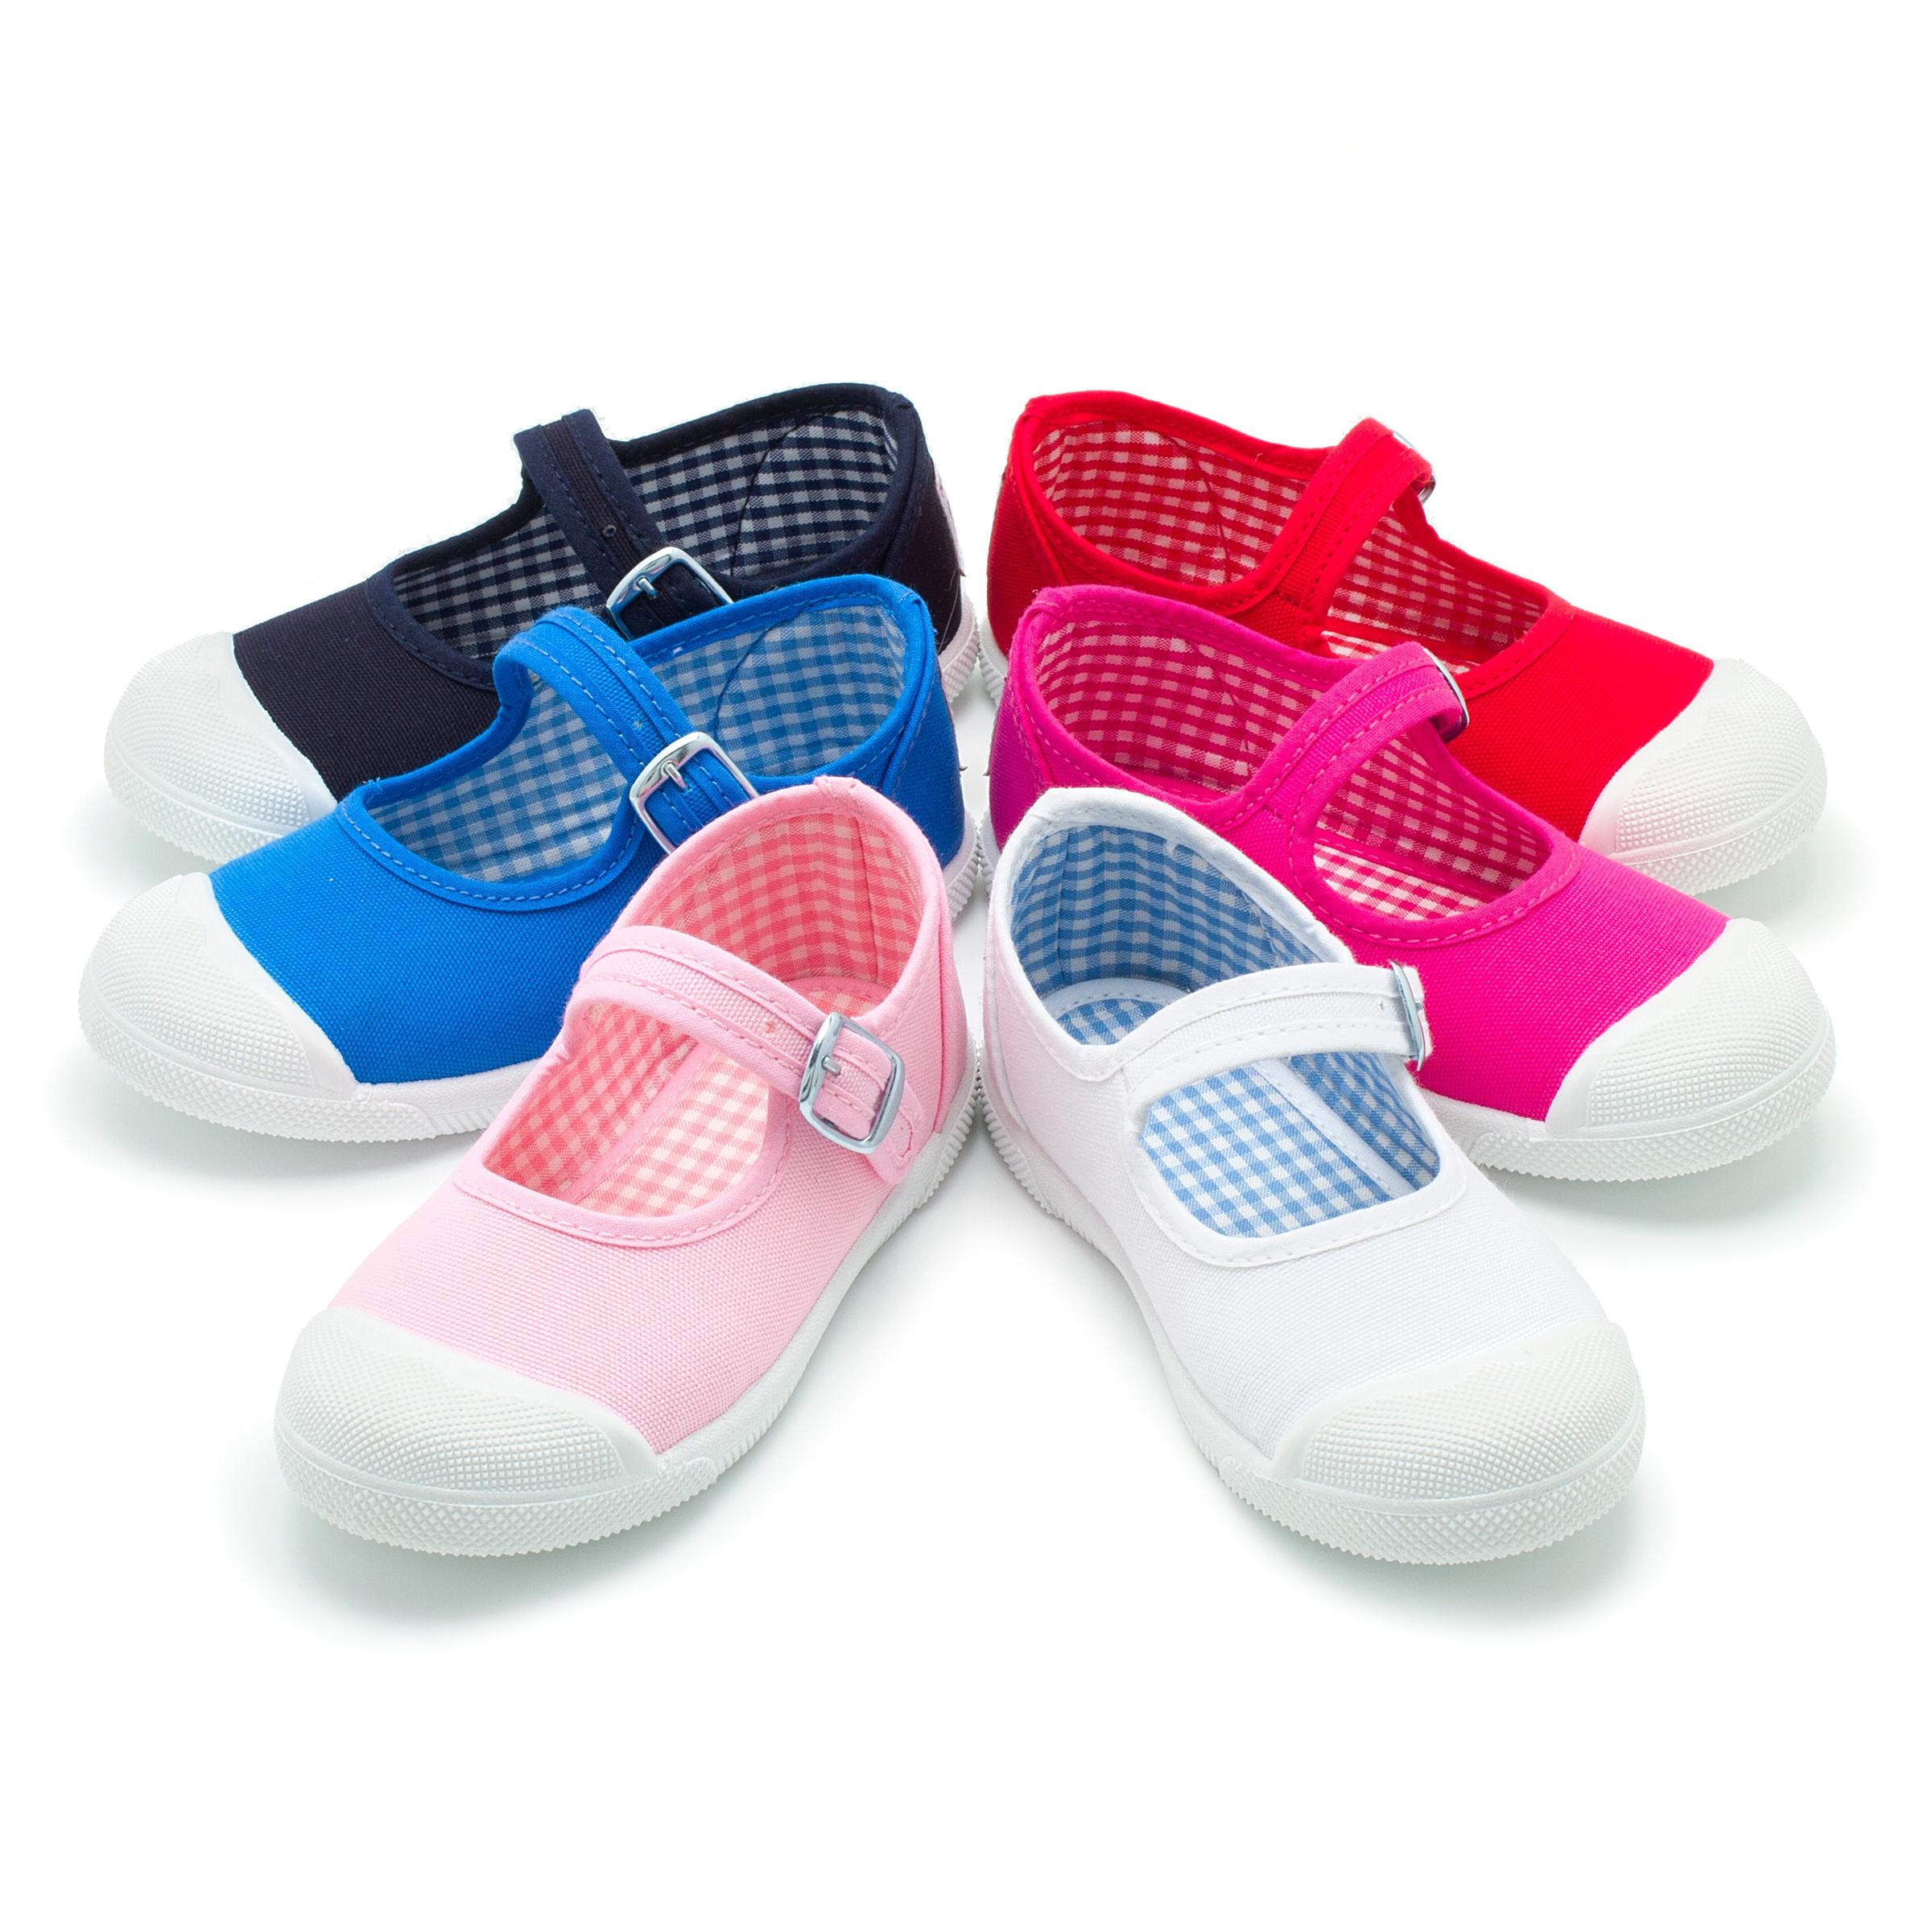 d91c785d Zapatos de Niña. Calzado de Calidad Hecho en España | Pisamonas